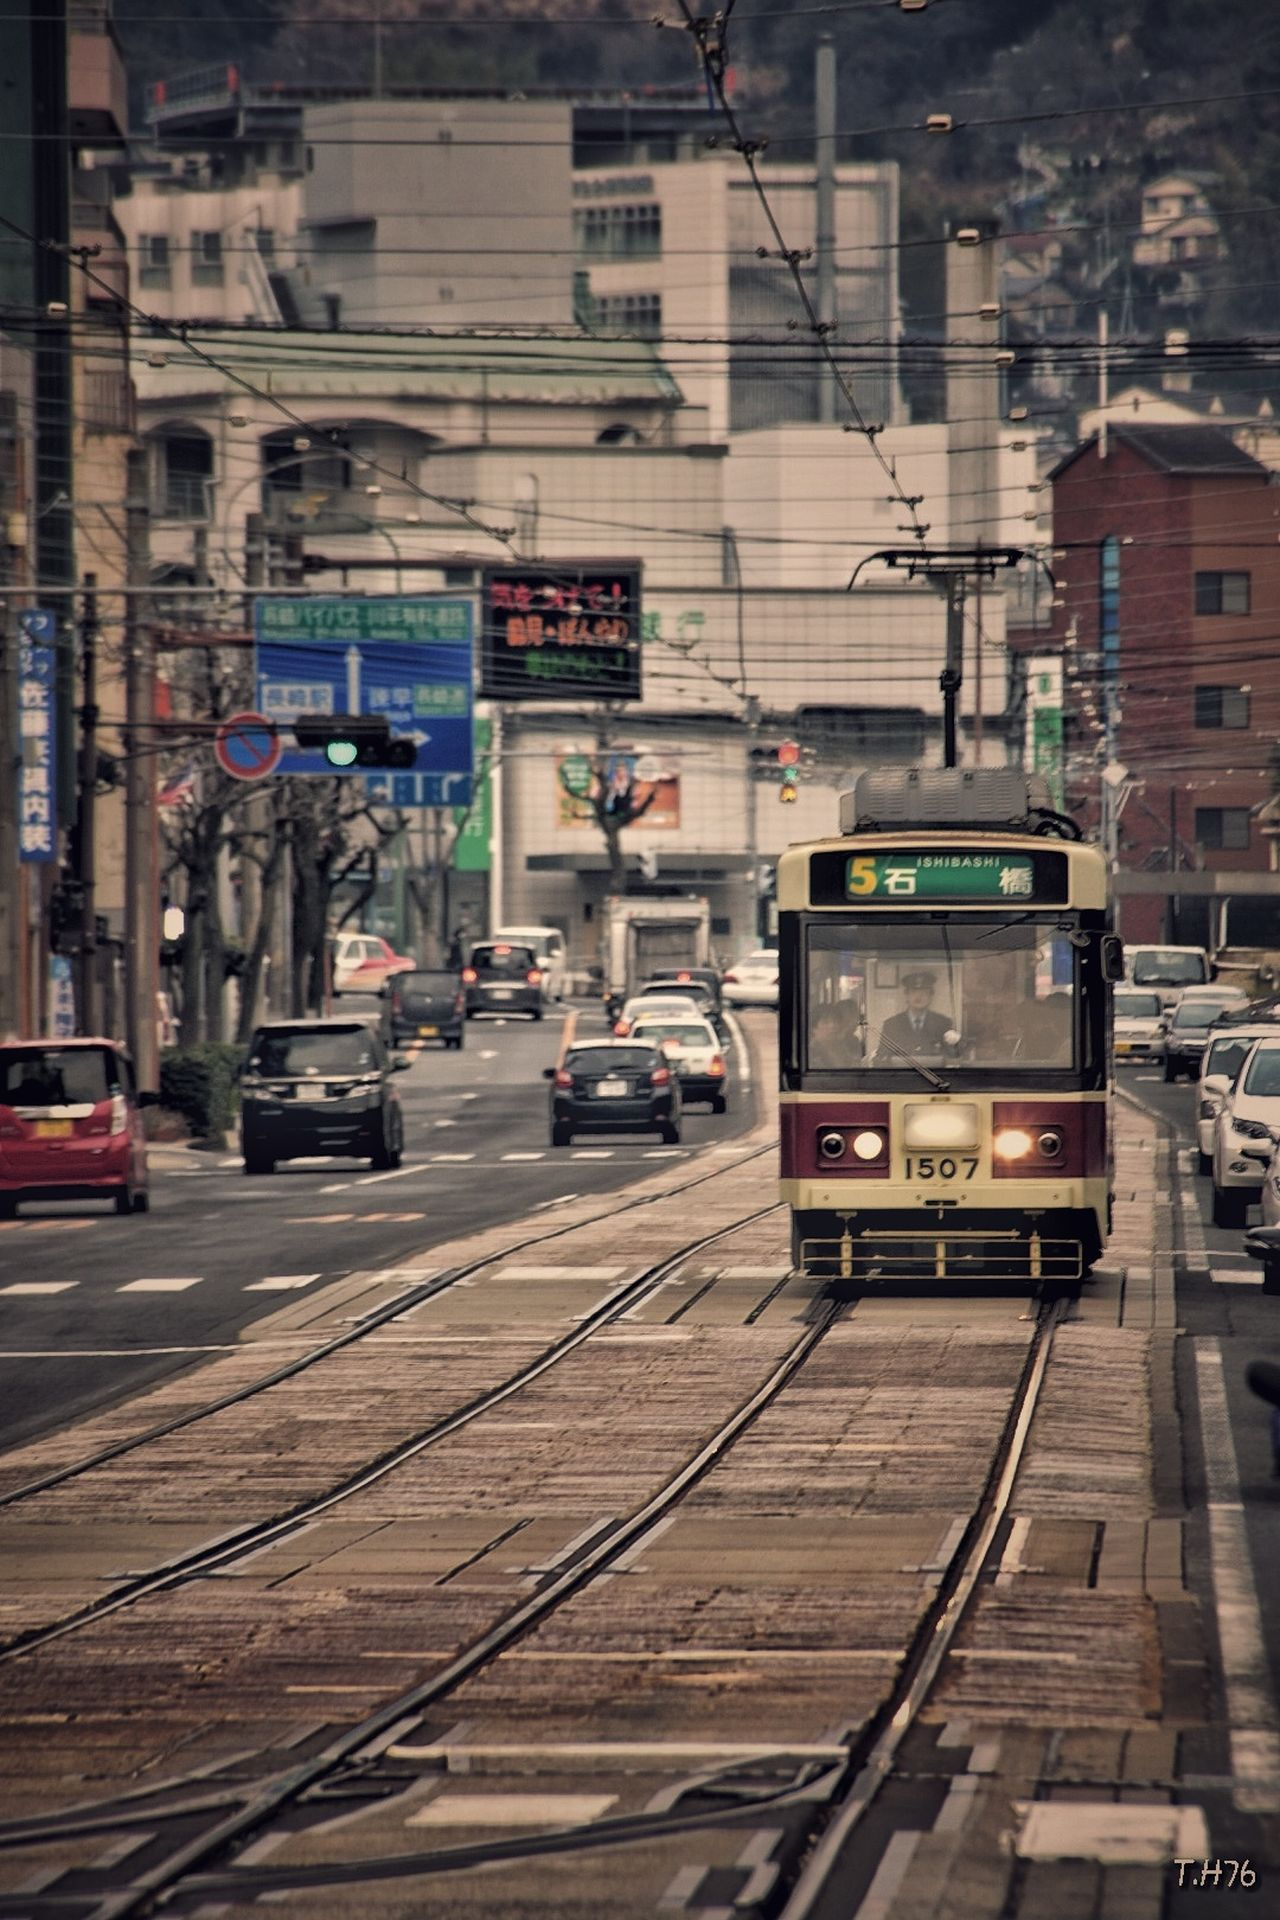 풍경 Th76 Day 여행 정류장 시간 일본여행 노면전차 일본 나가사키